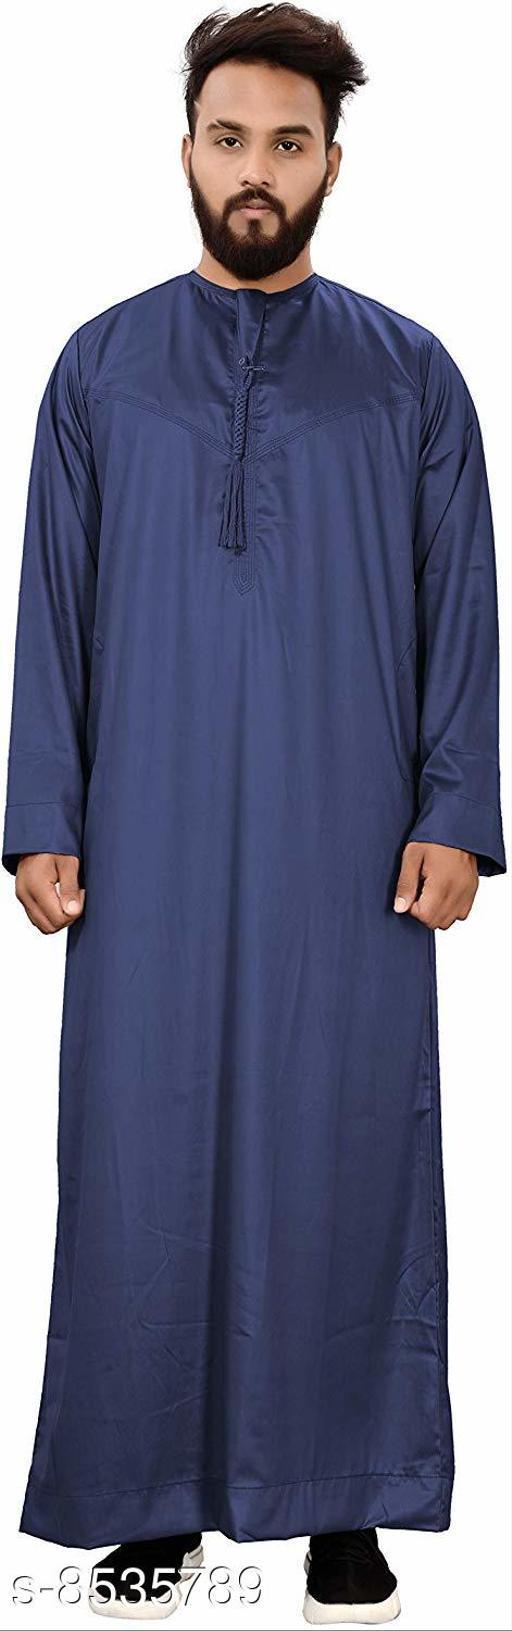 Kurtas Trendy Art Silk Men's Kurta  *Fabric* Cotton  *Combo of* Single  *Sizes*  L  *Sizes Available* L *    Catalog Name: Fancy Men Kurtas CatalogID_1443445 C66-SC1200 Code: 048-8535789-